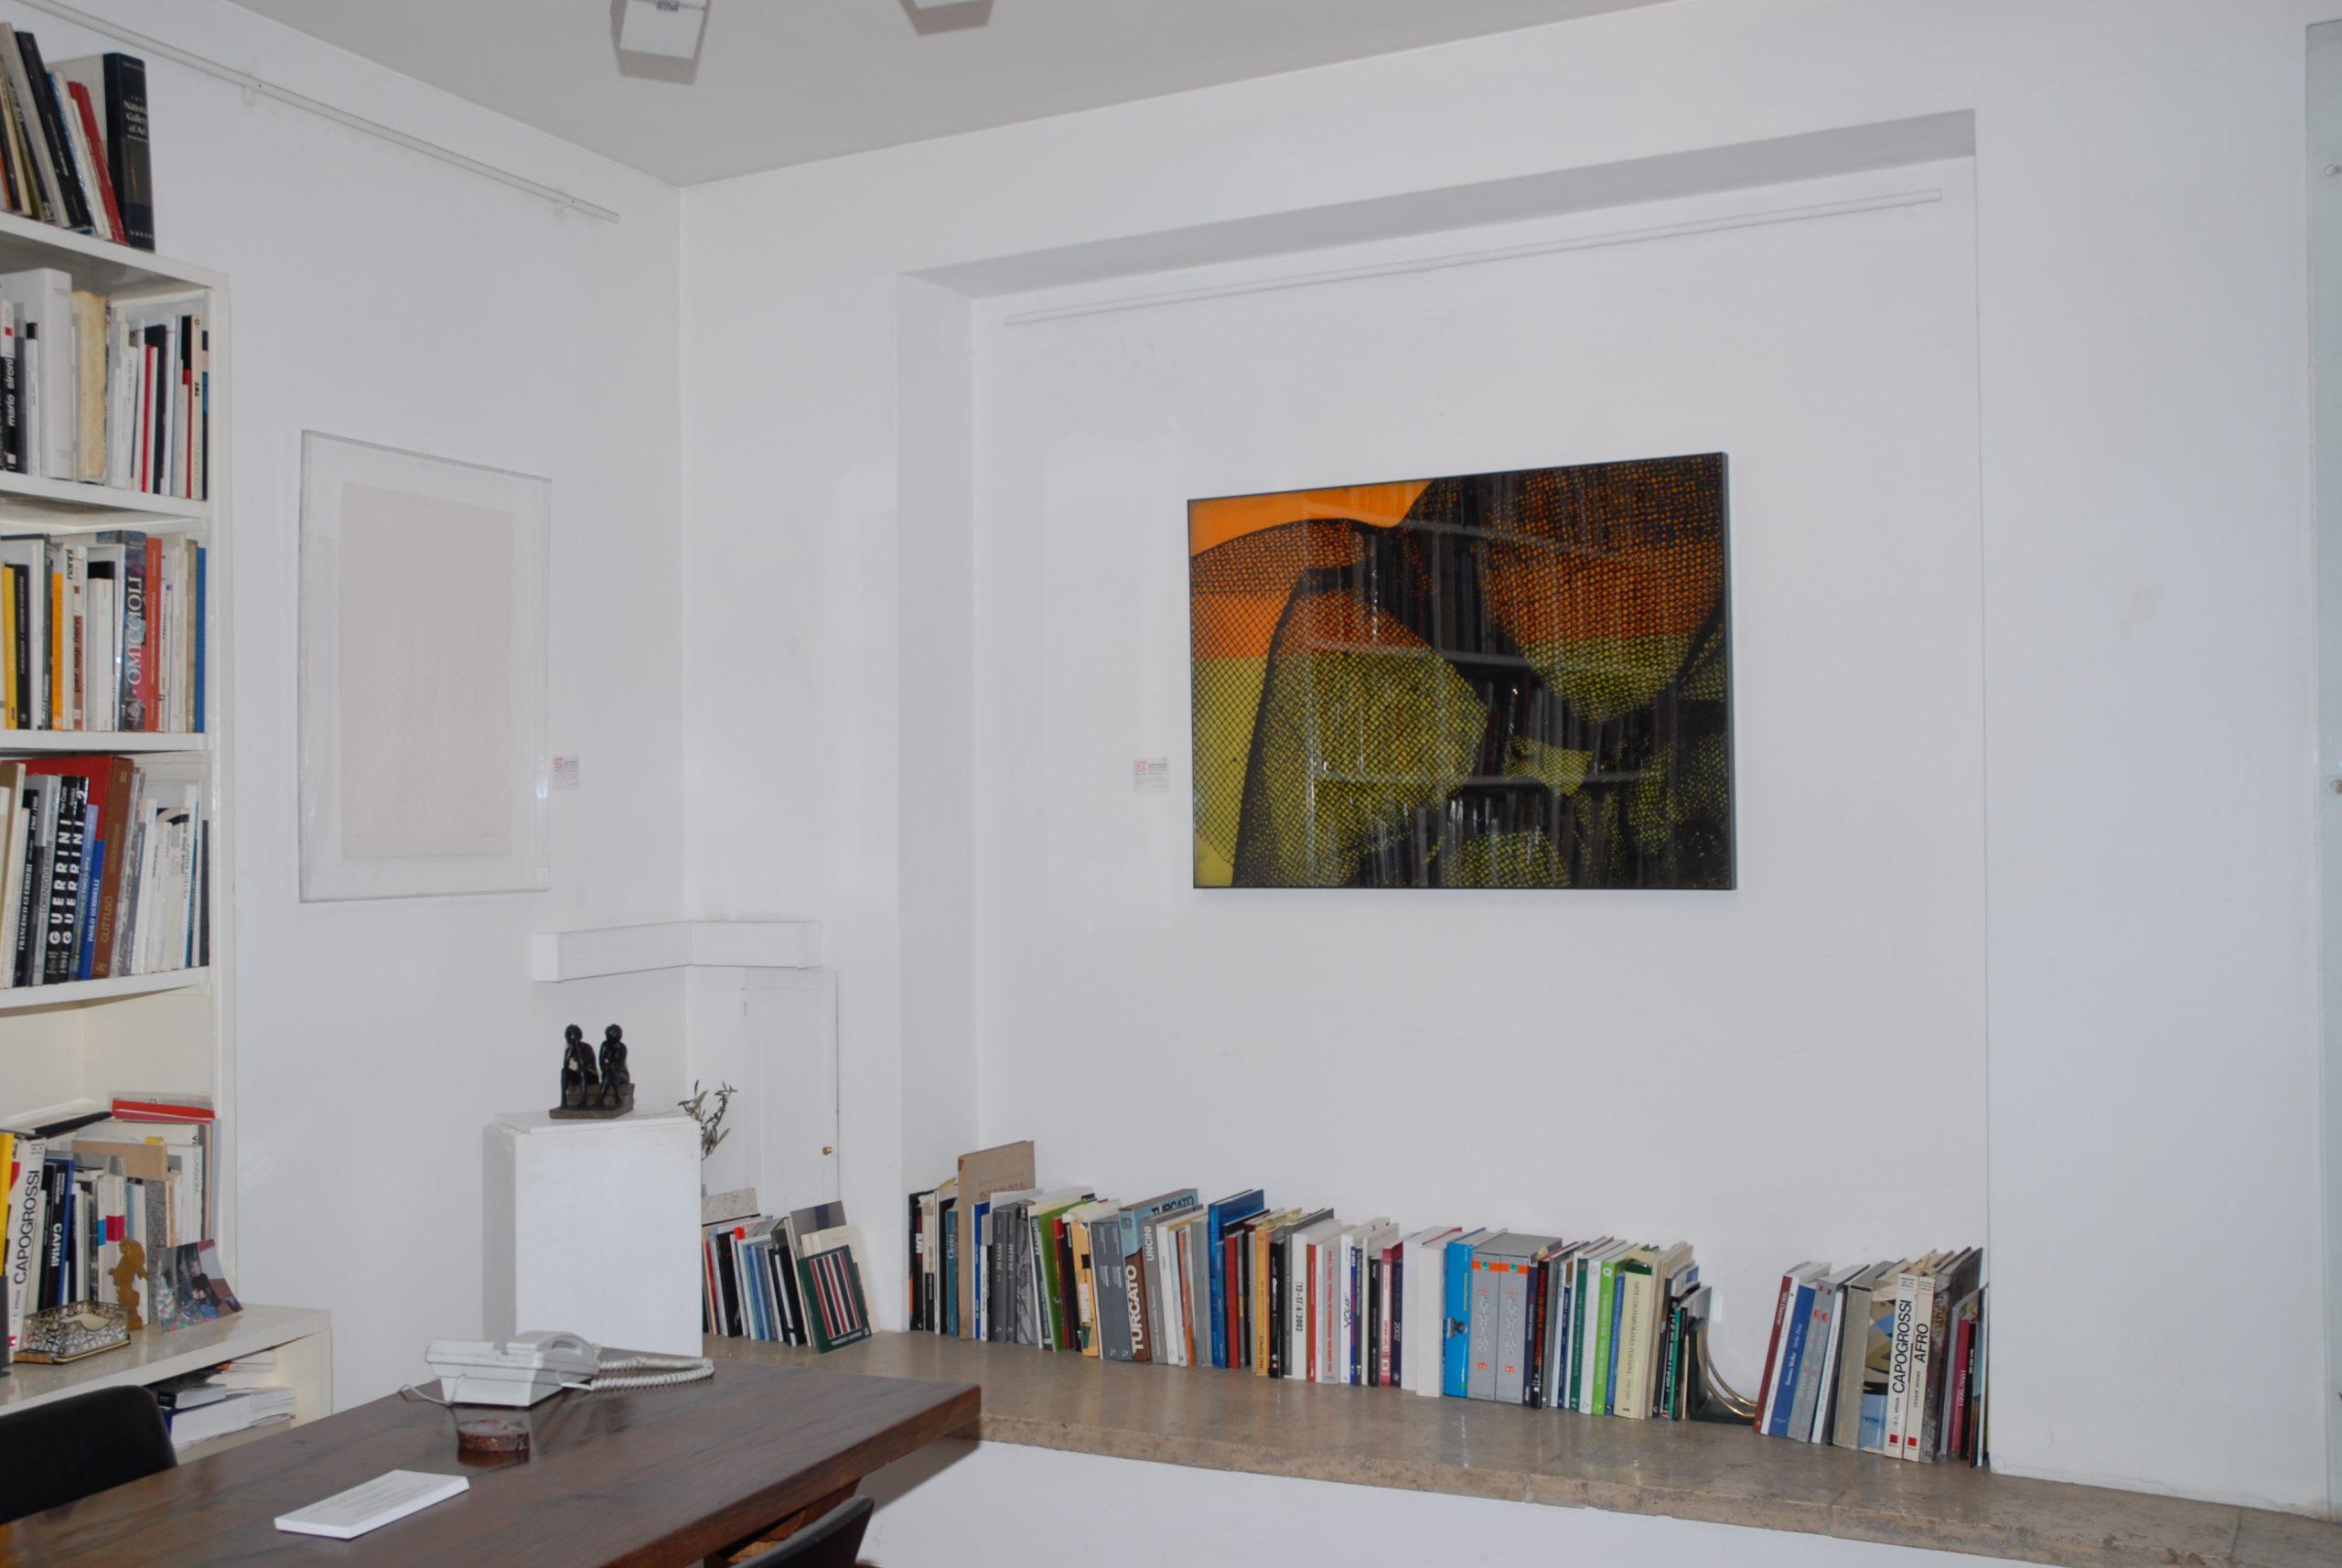 Arte per la ricerca Paola Levi Montalcini – Hanna Damasio